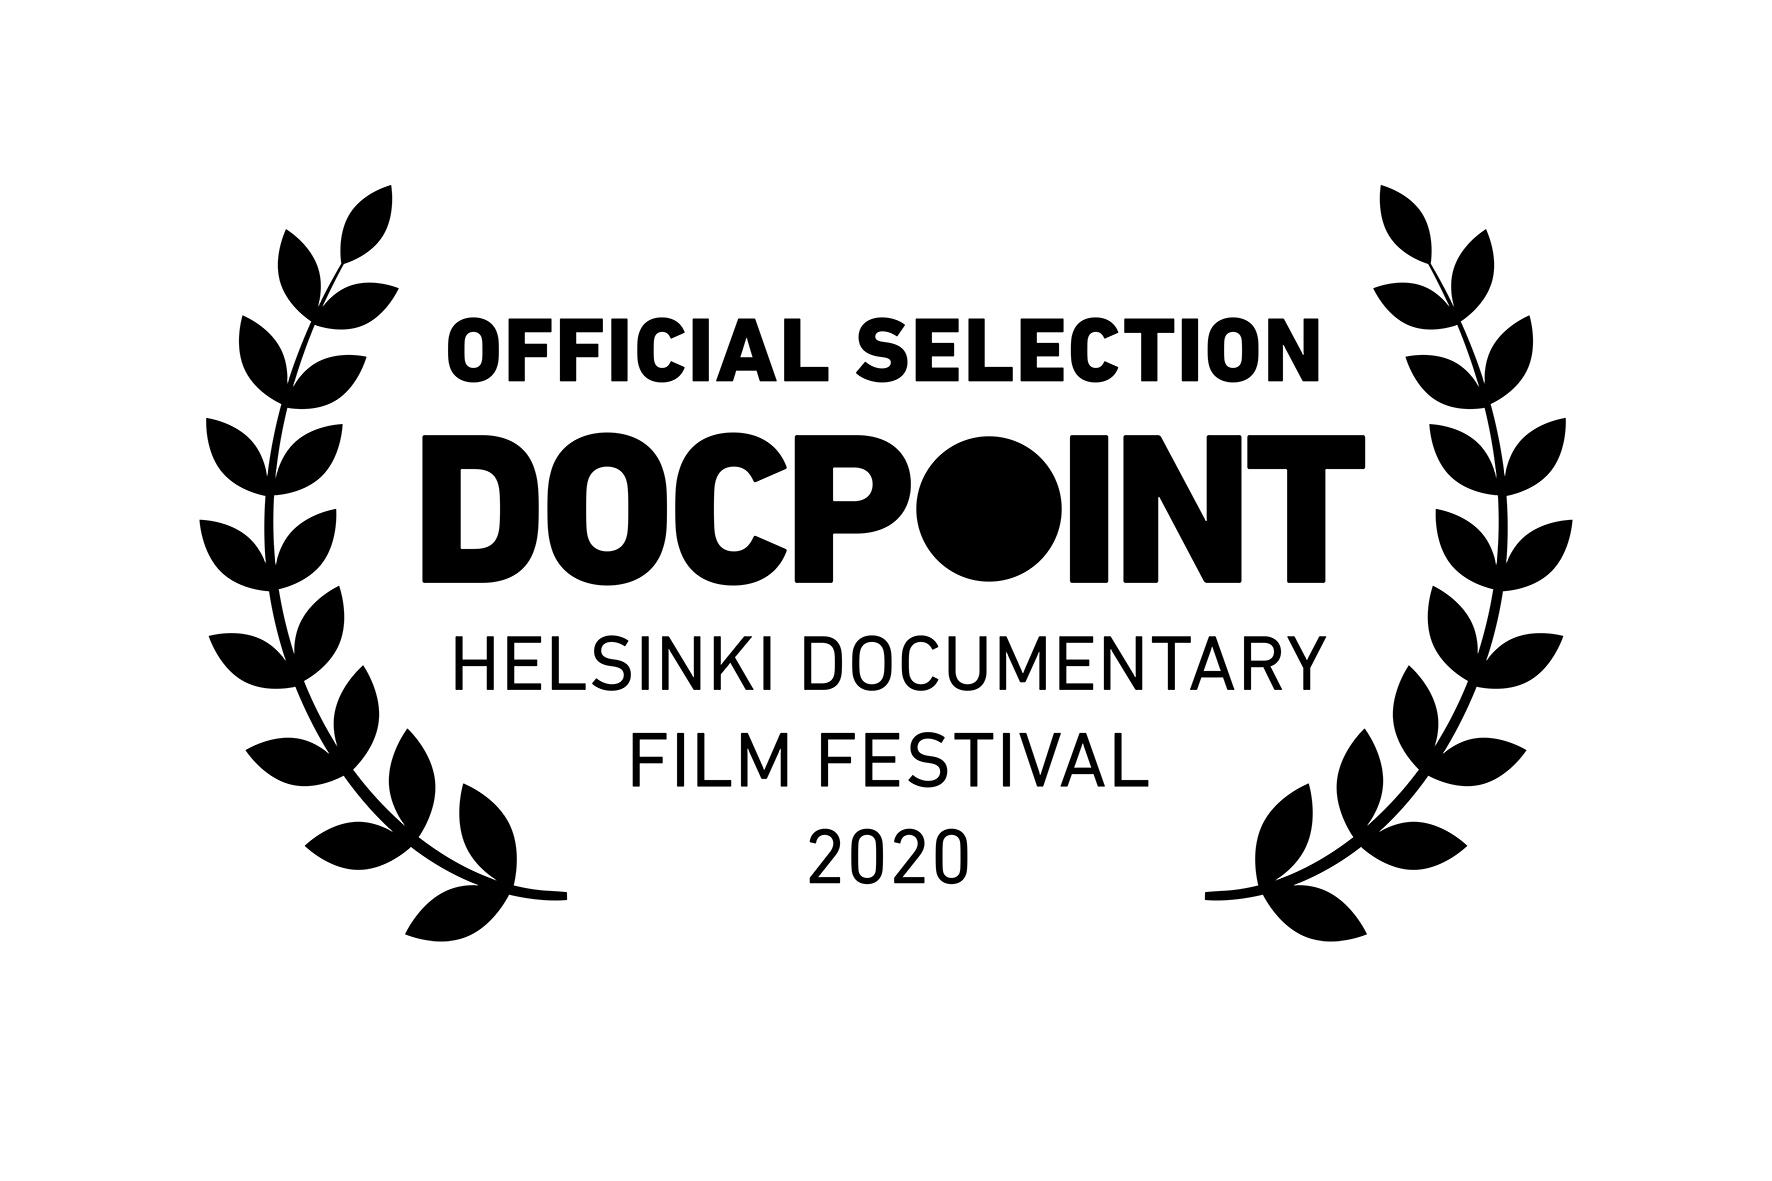 Helsinki Documentary Film Festival, 2020, Official Selection